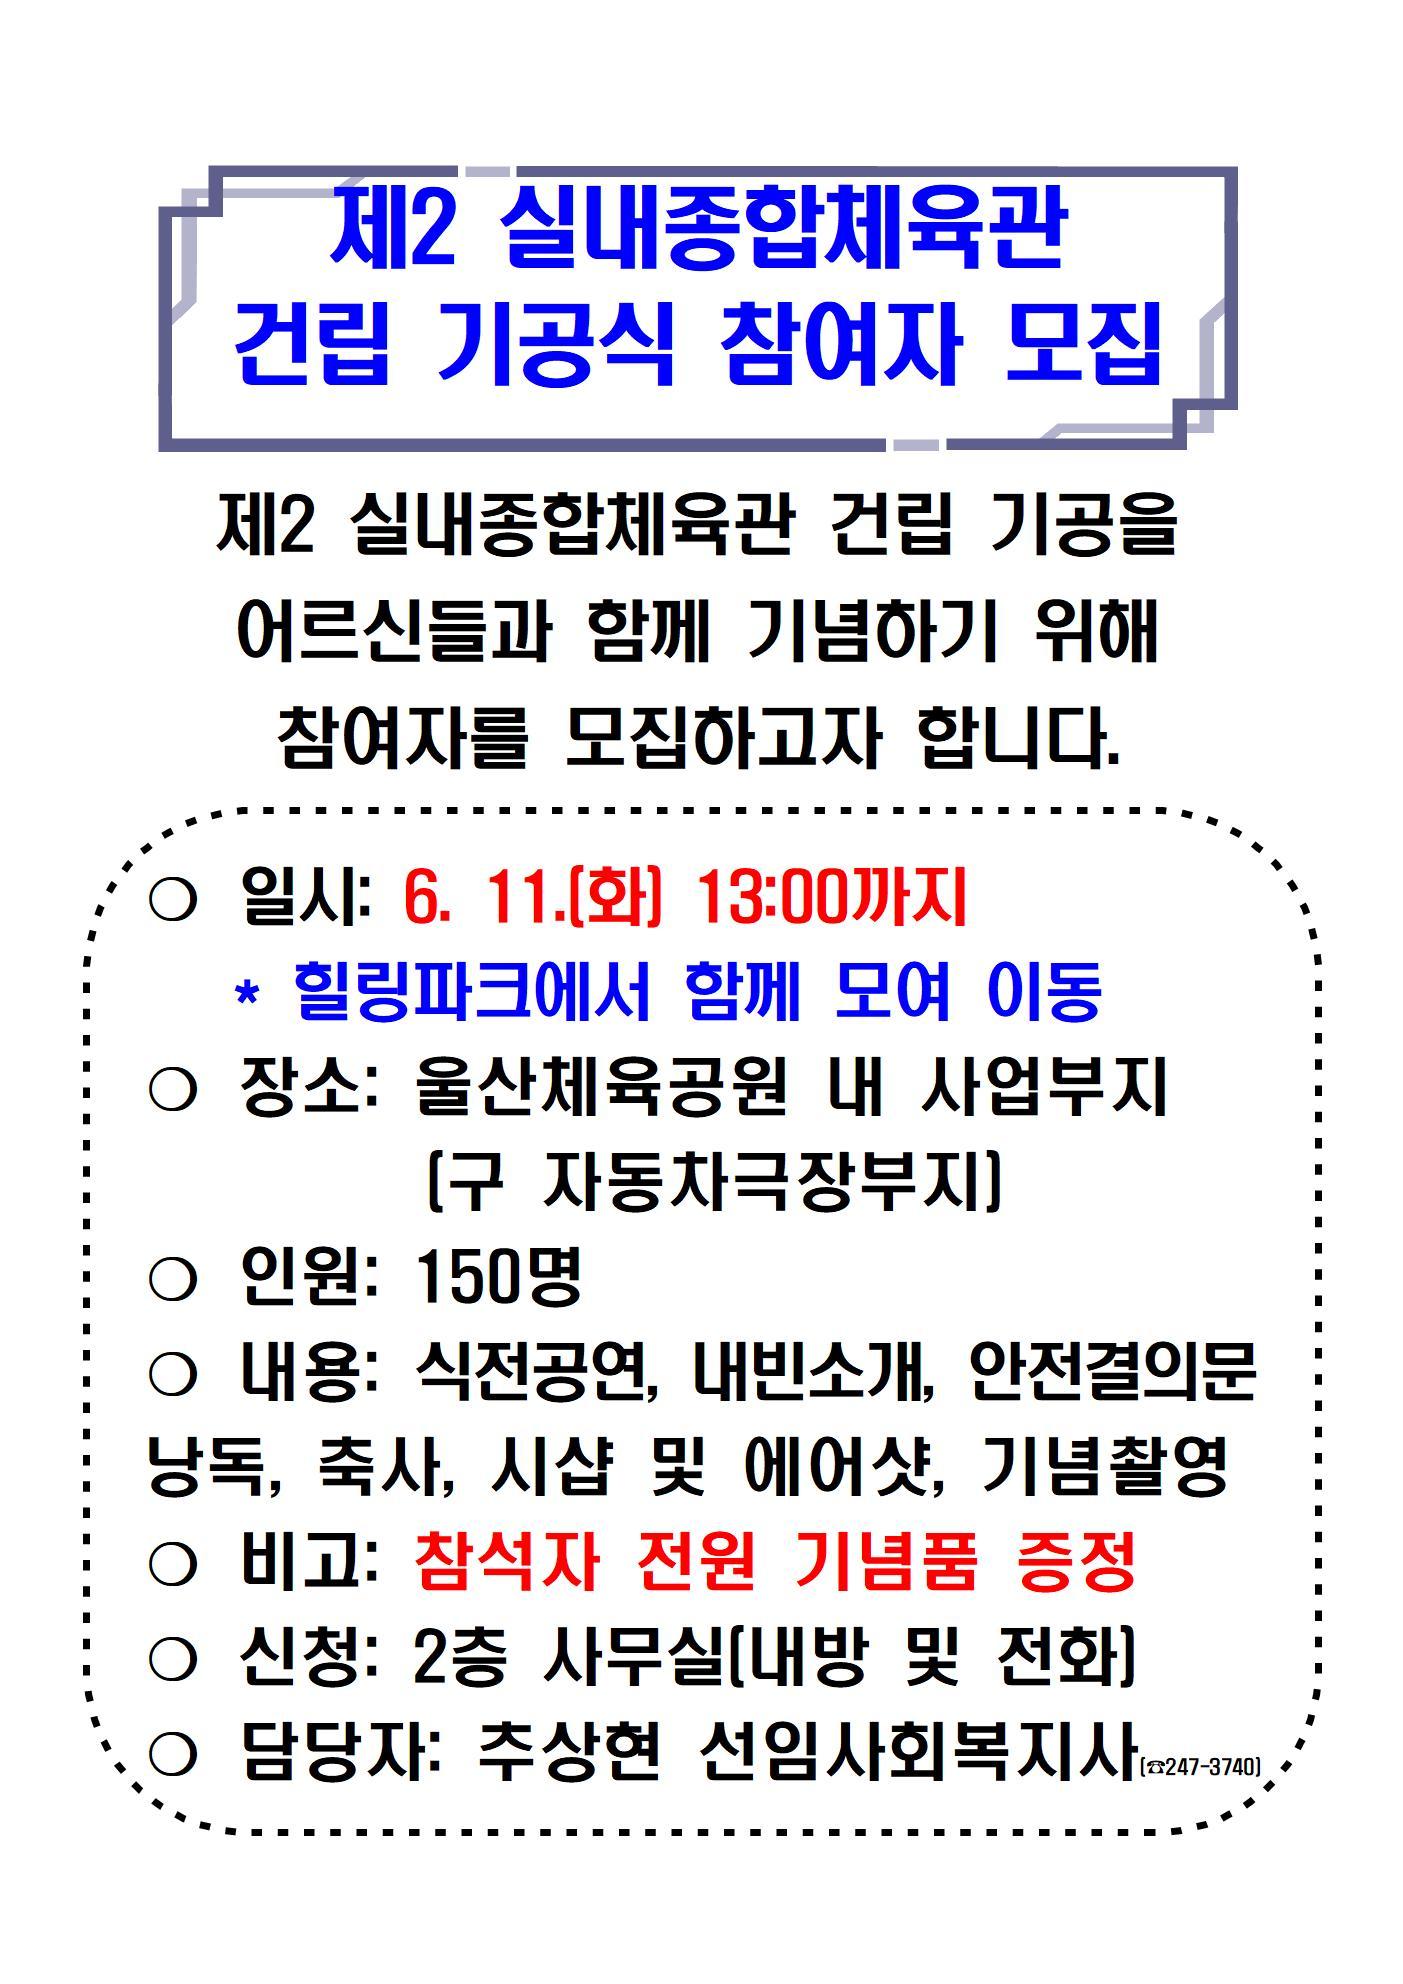 2019 제2실내종합체육관001.jpg